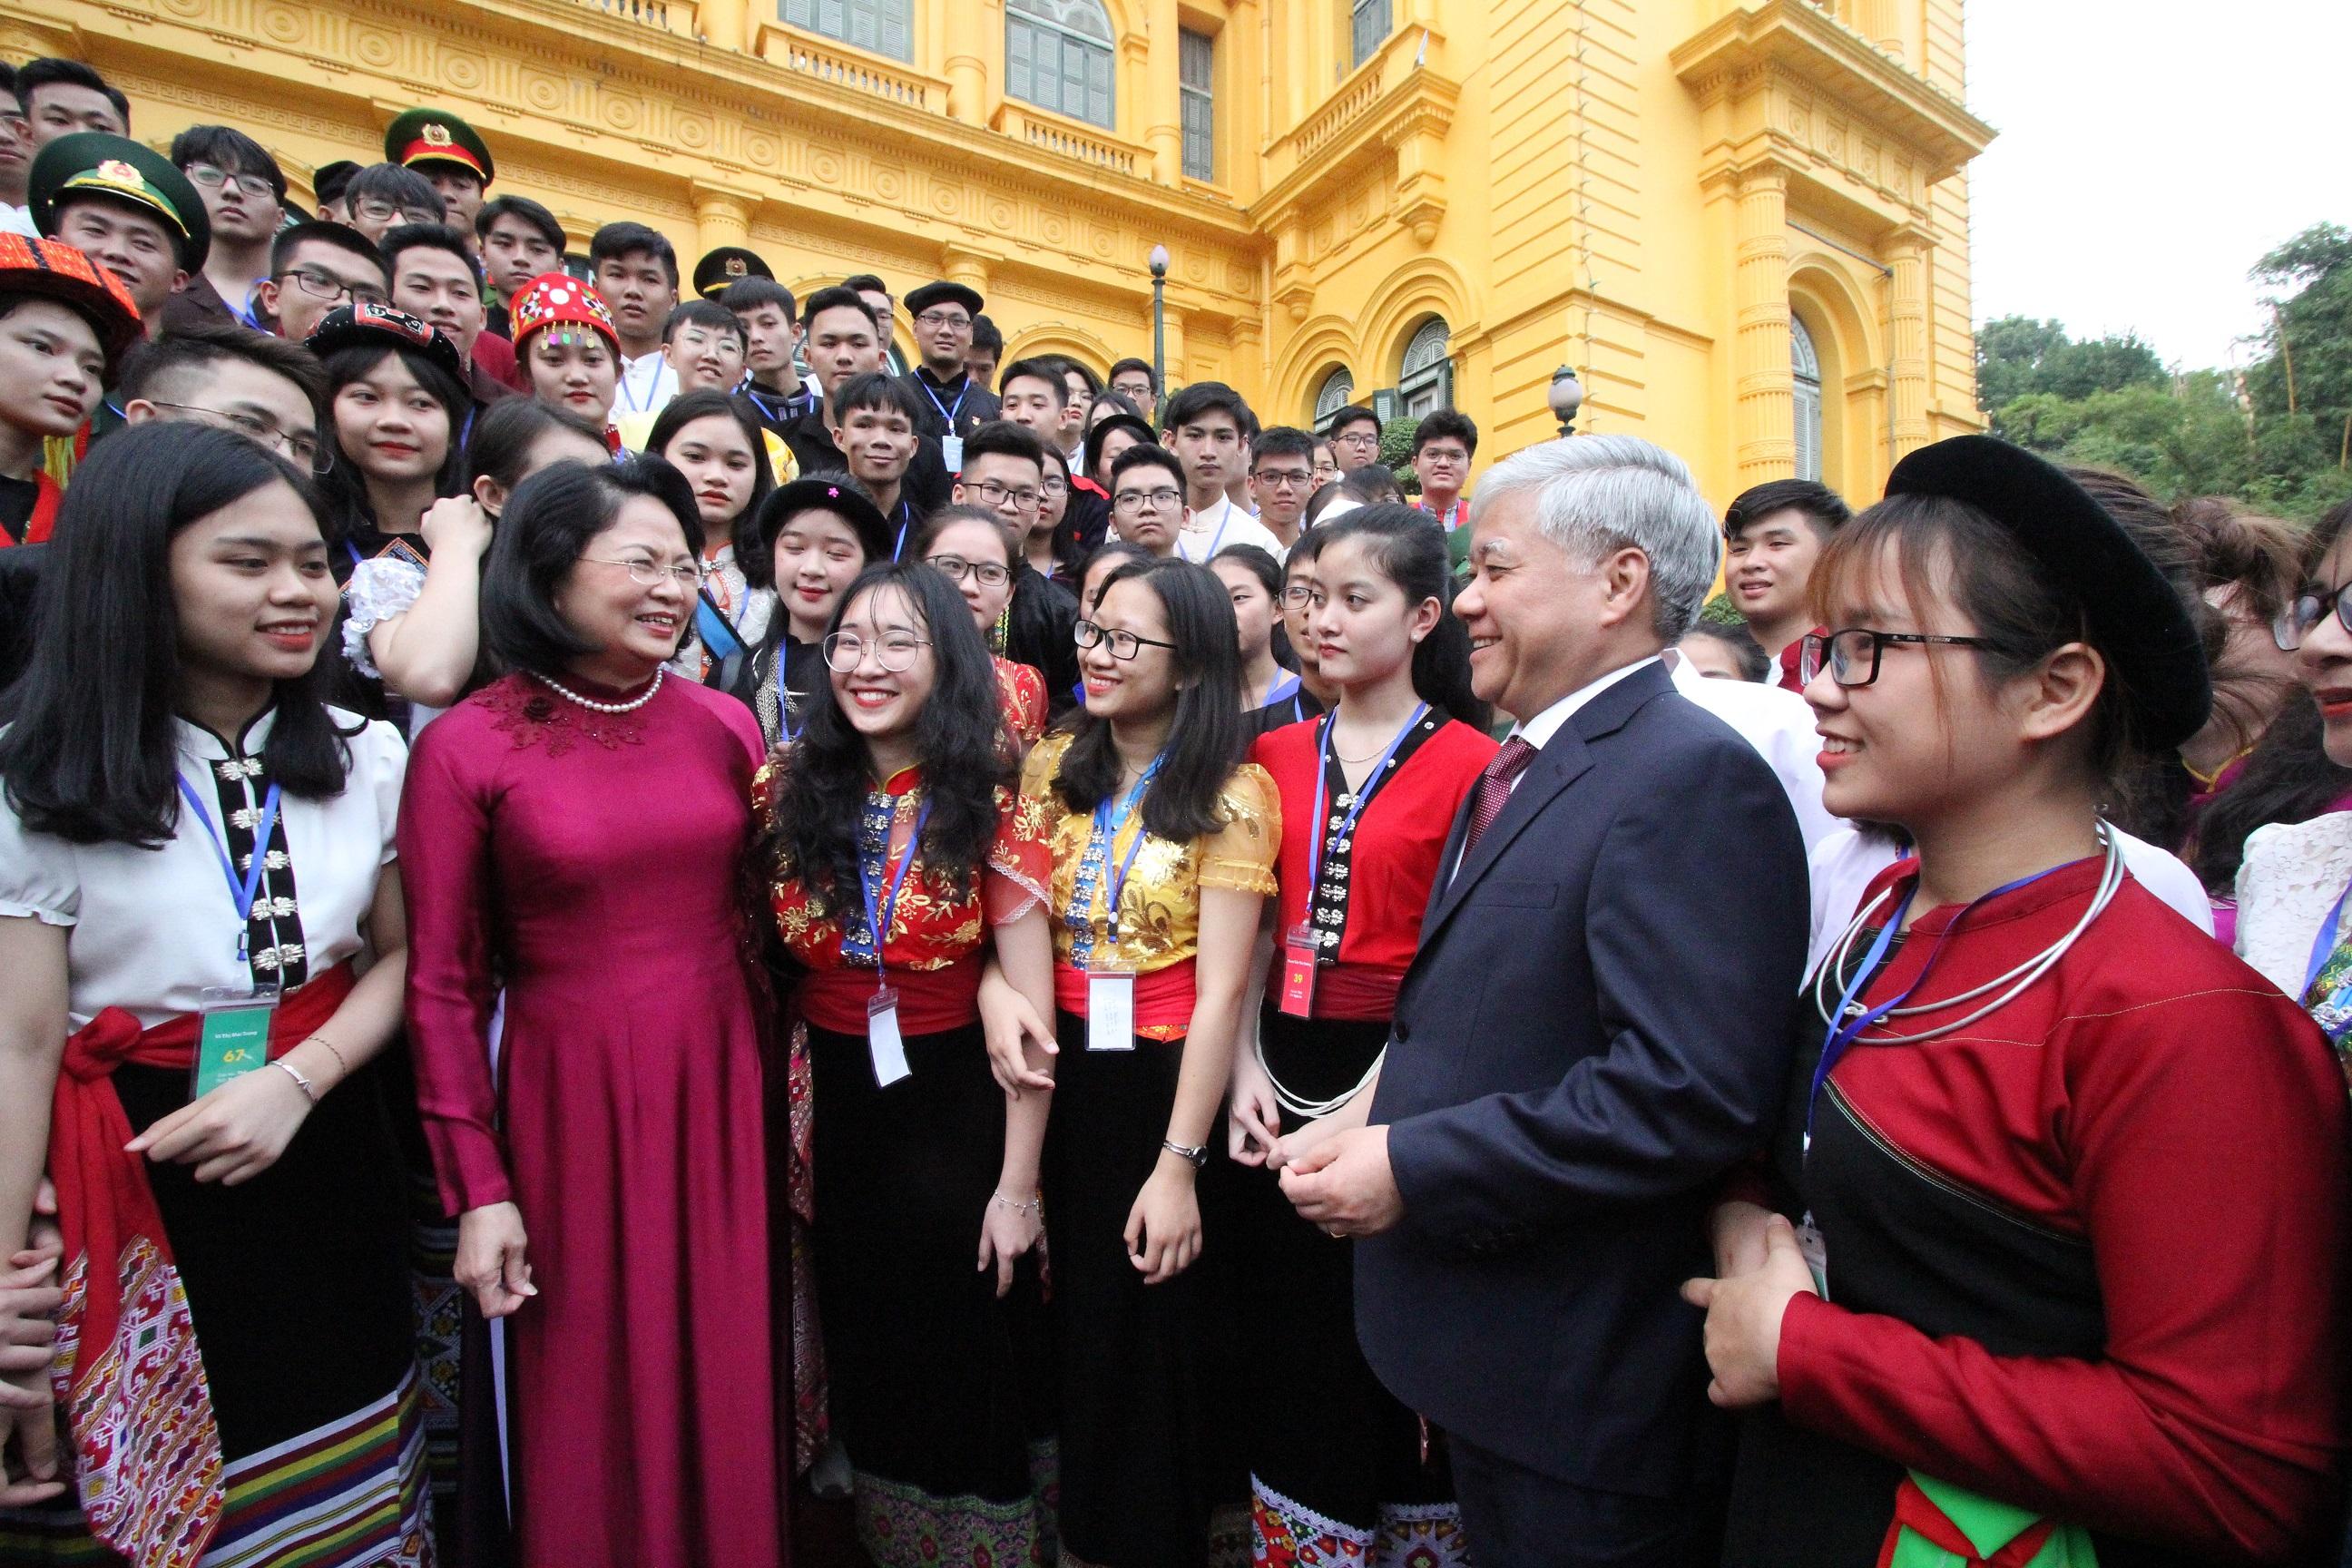 Phó Chủ tịch nước Đặng Thị Ngọc Thịnh và Bộ trưởng, Chủ nhiệm UBDT Đỗ Văn Chiến trò chuyện với các em học sinh, sinh viên, thanh niên DTTS xuất sắc, tiêu biểu